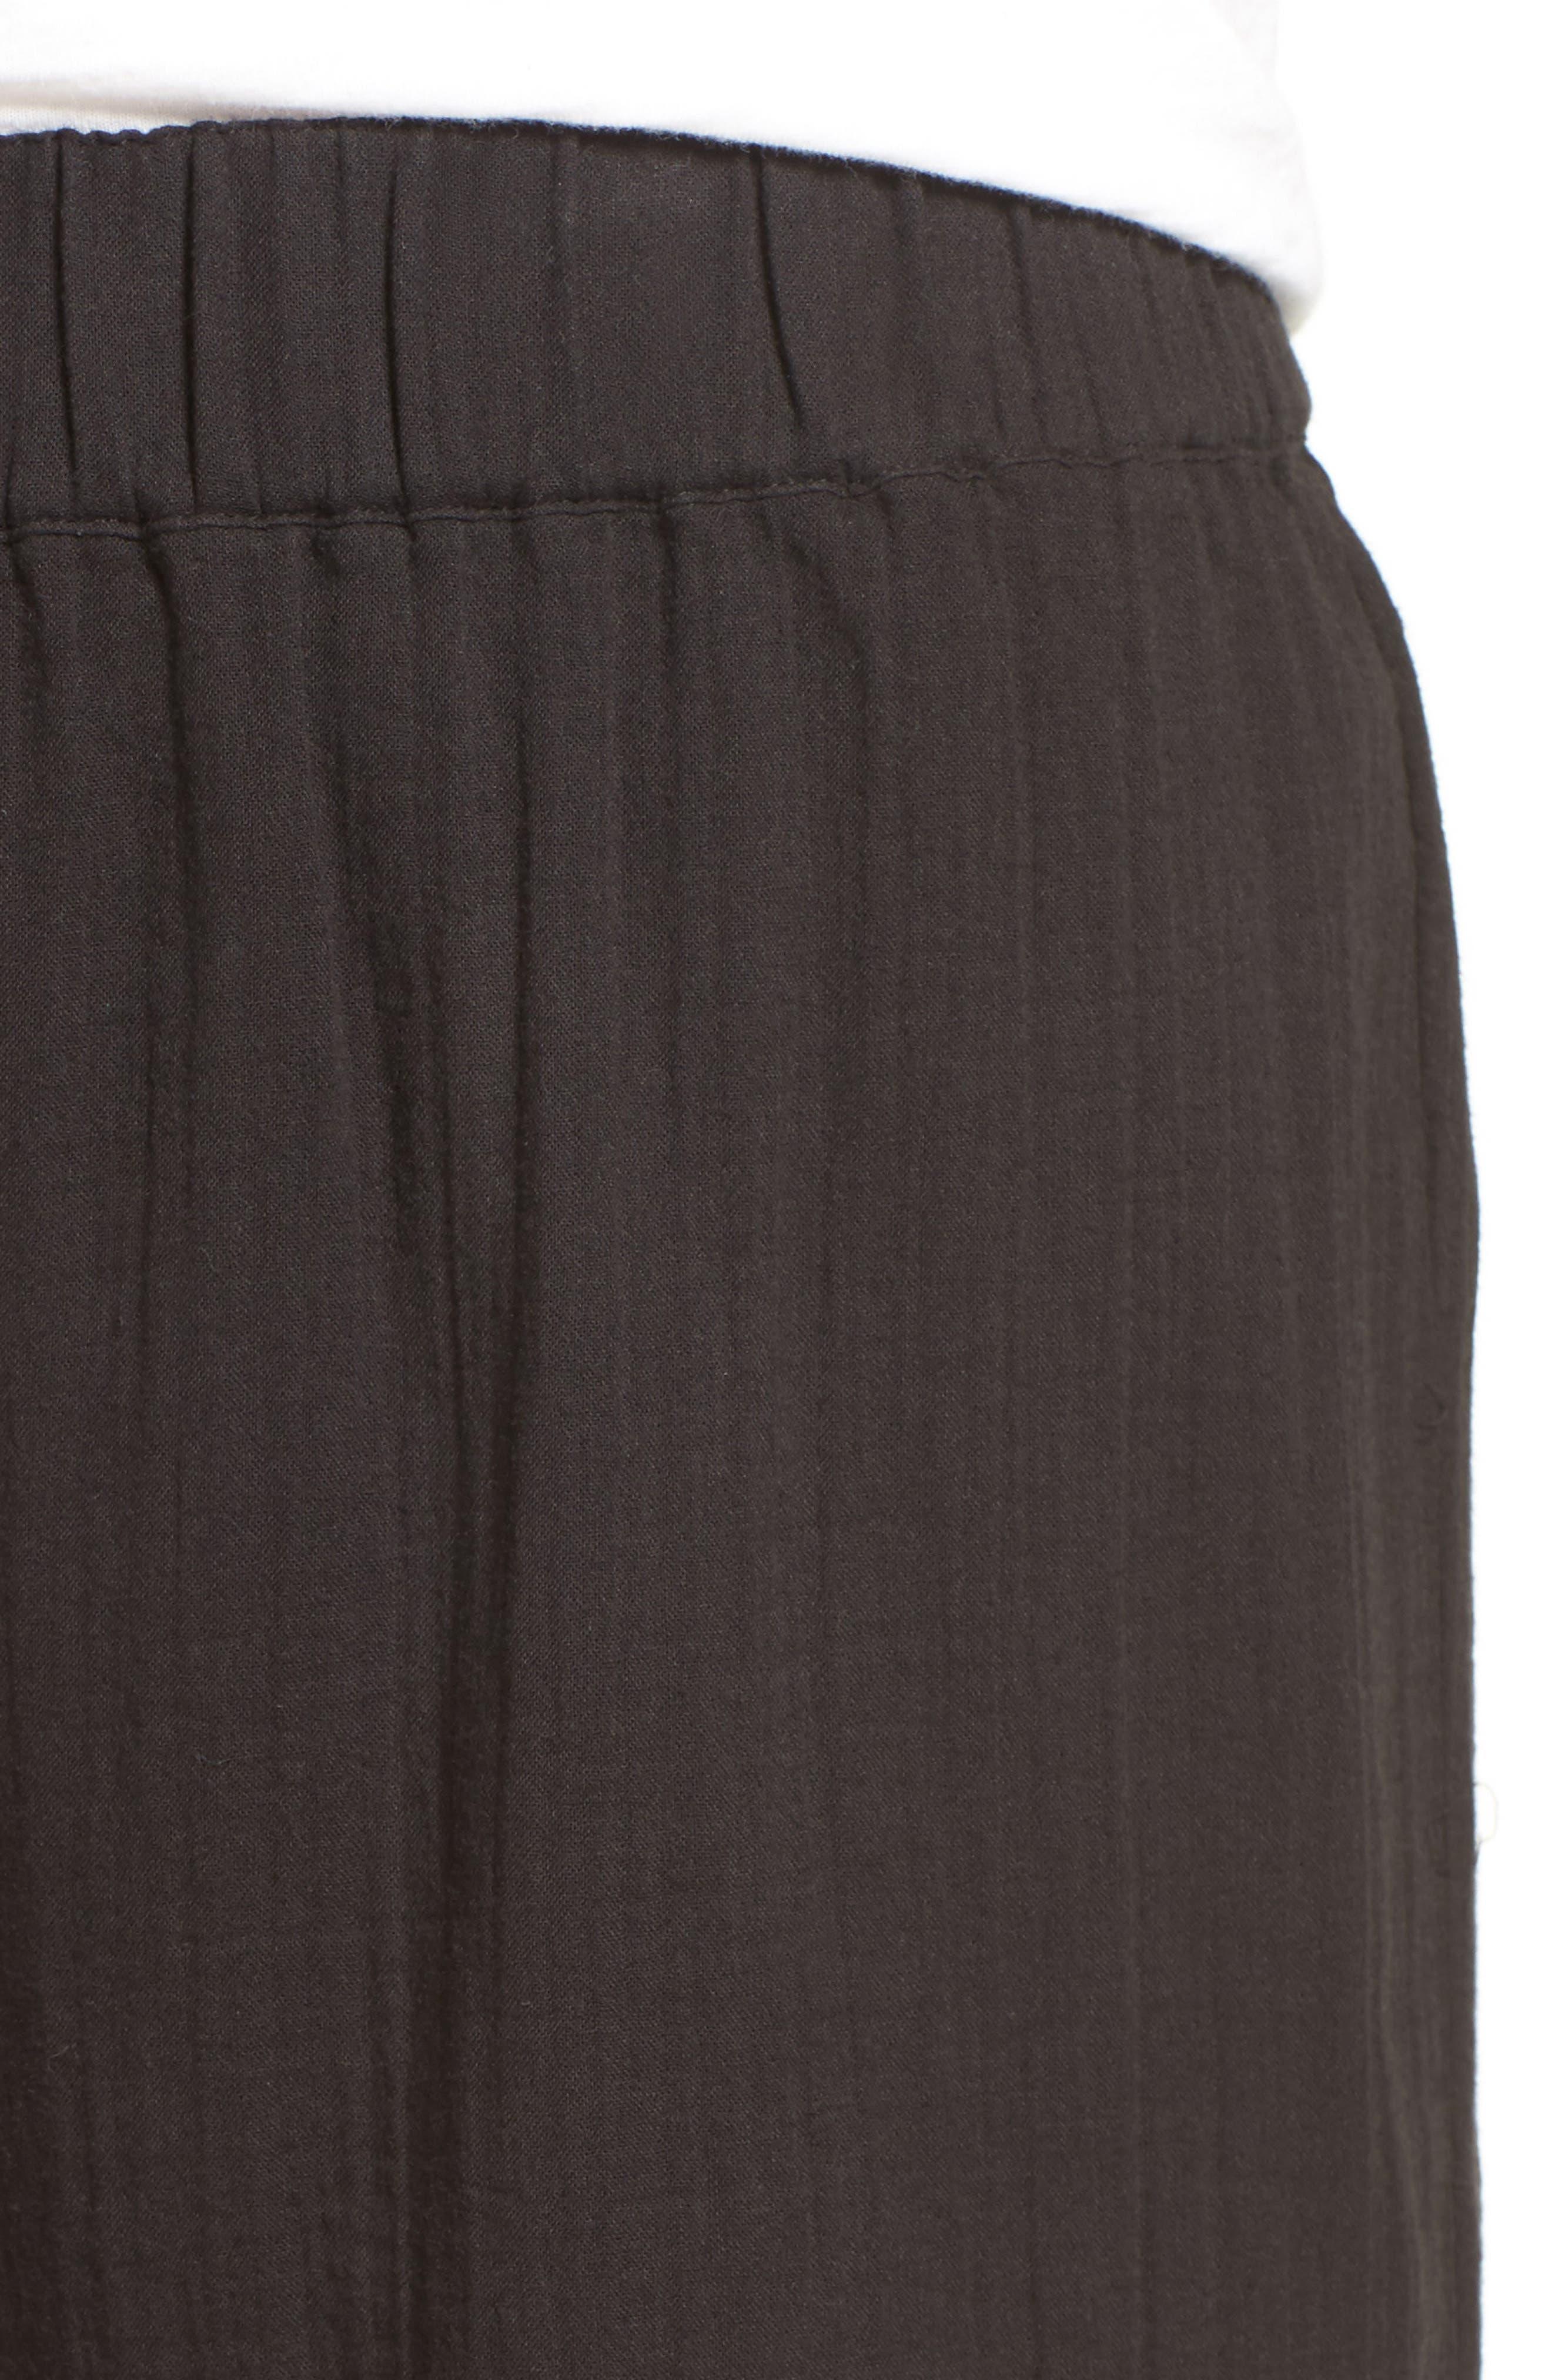 Organic Cotton Crop Pants,                             Alternate thumbnail 4, color,                             Black